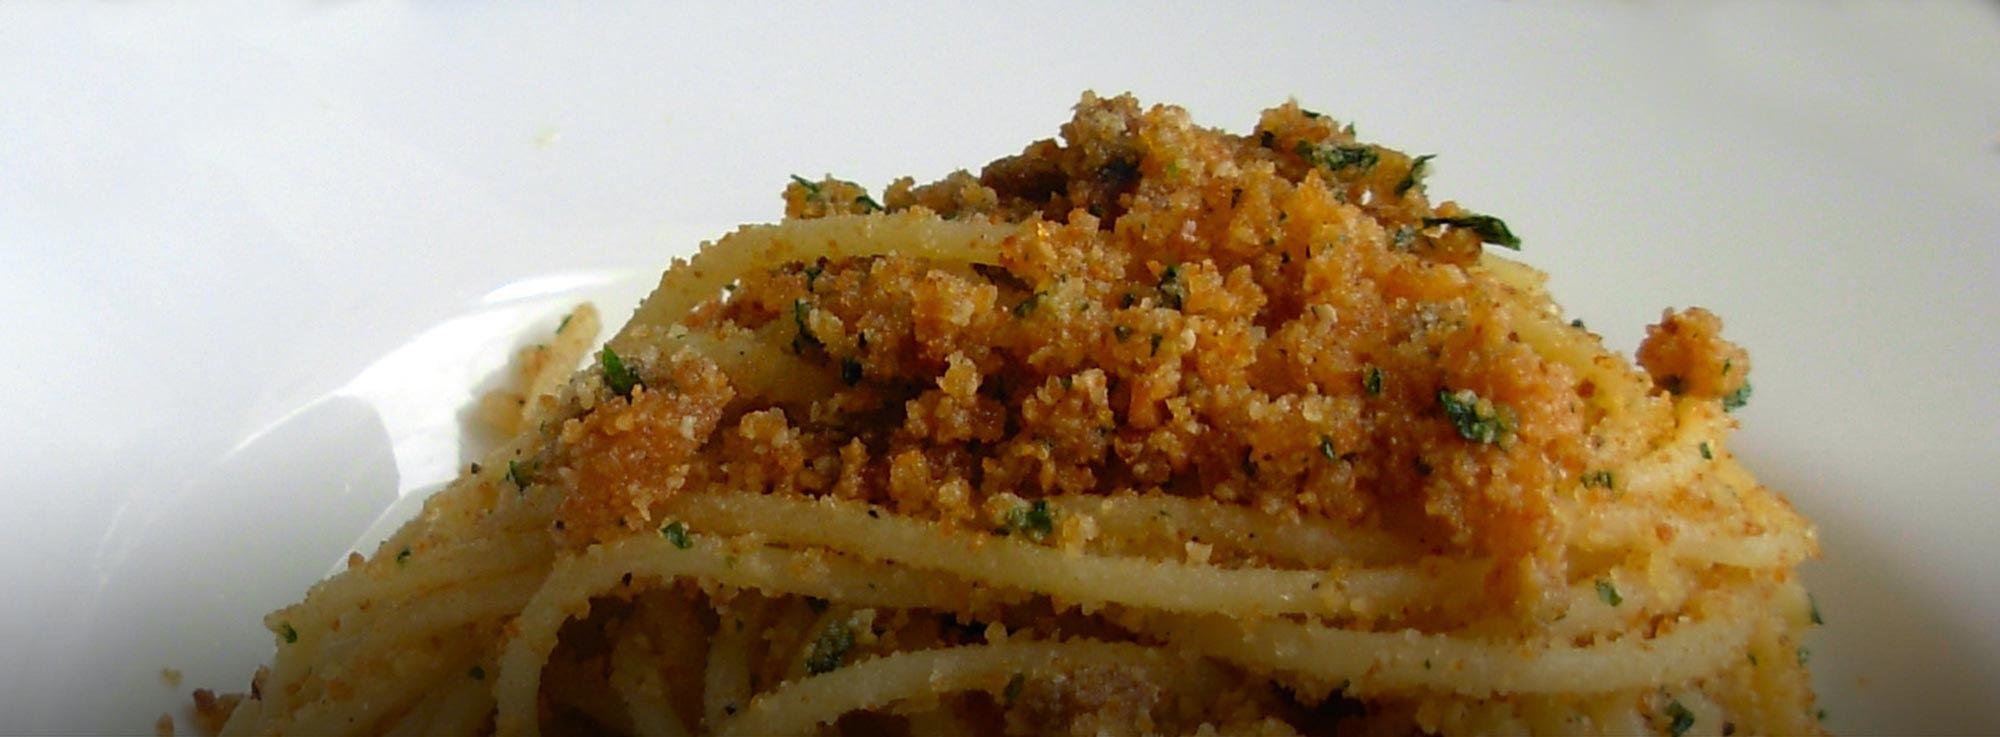 Ricetta: Troccoli pomodori secchi, acciughe e mollica di pane